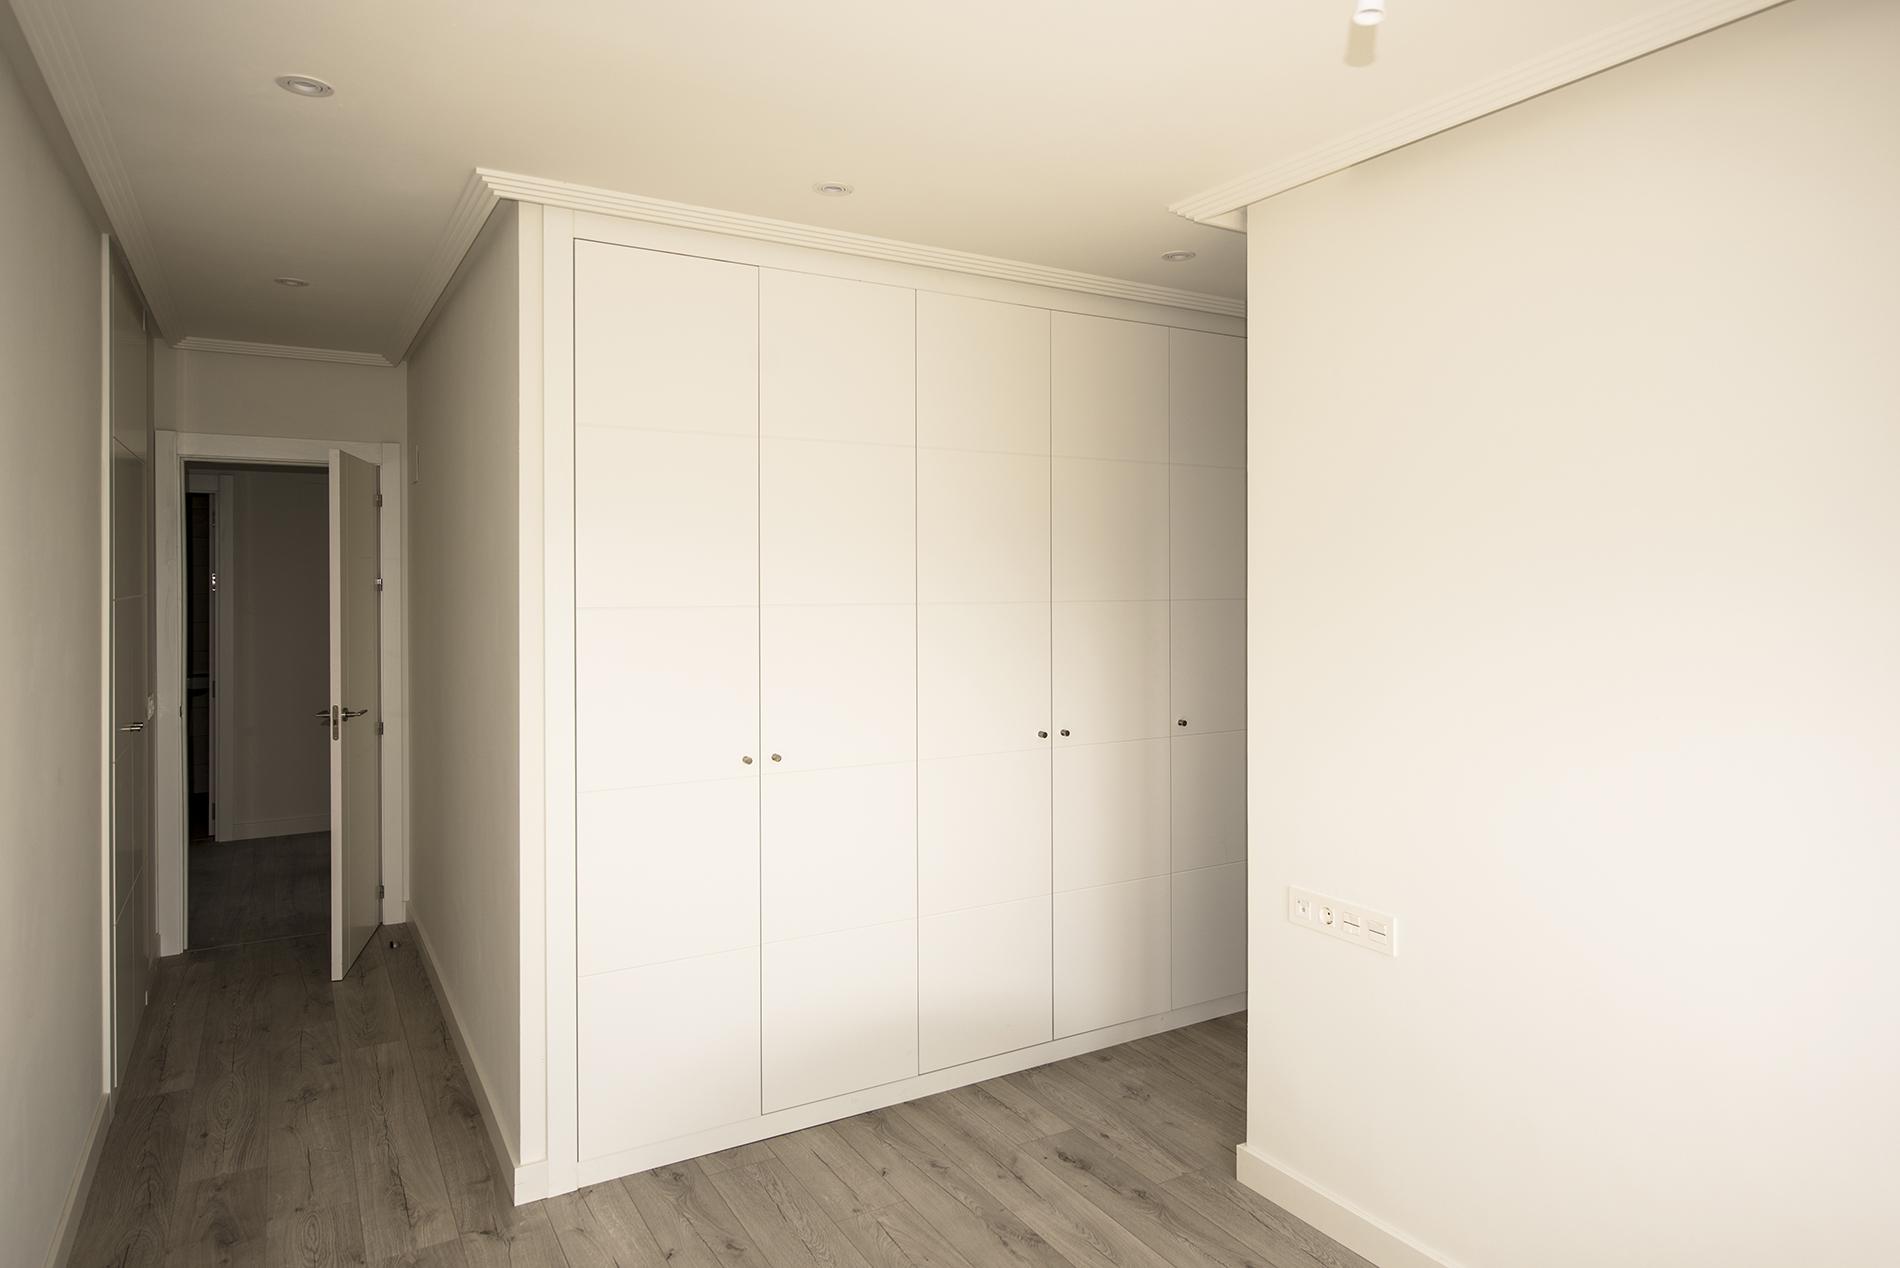 Edificio Soleo habitación armarios